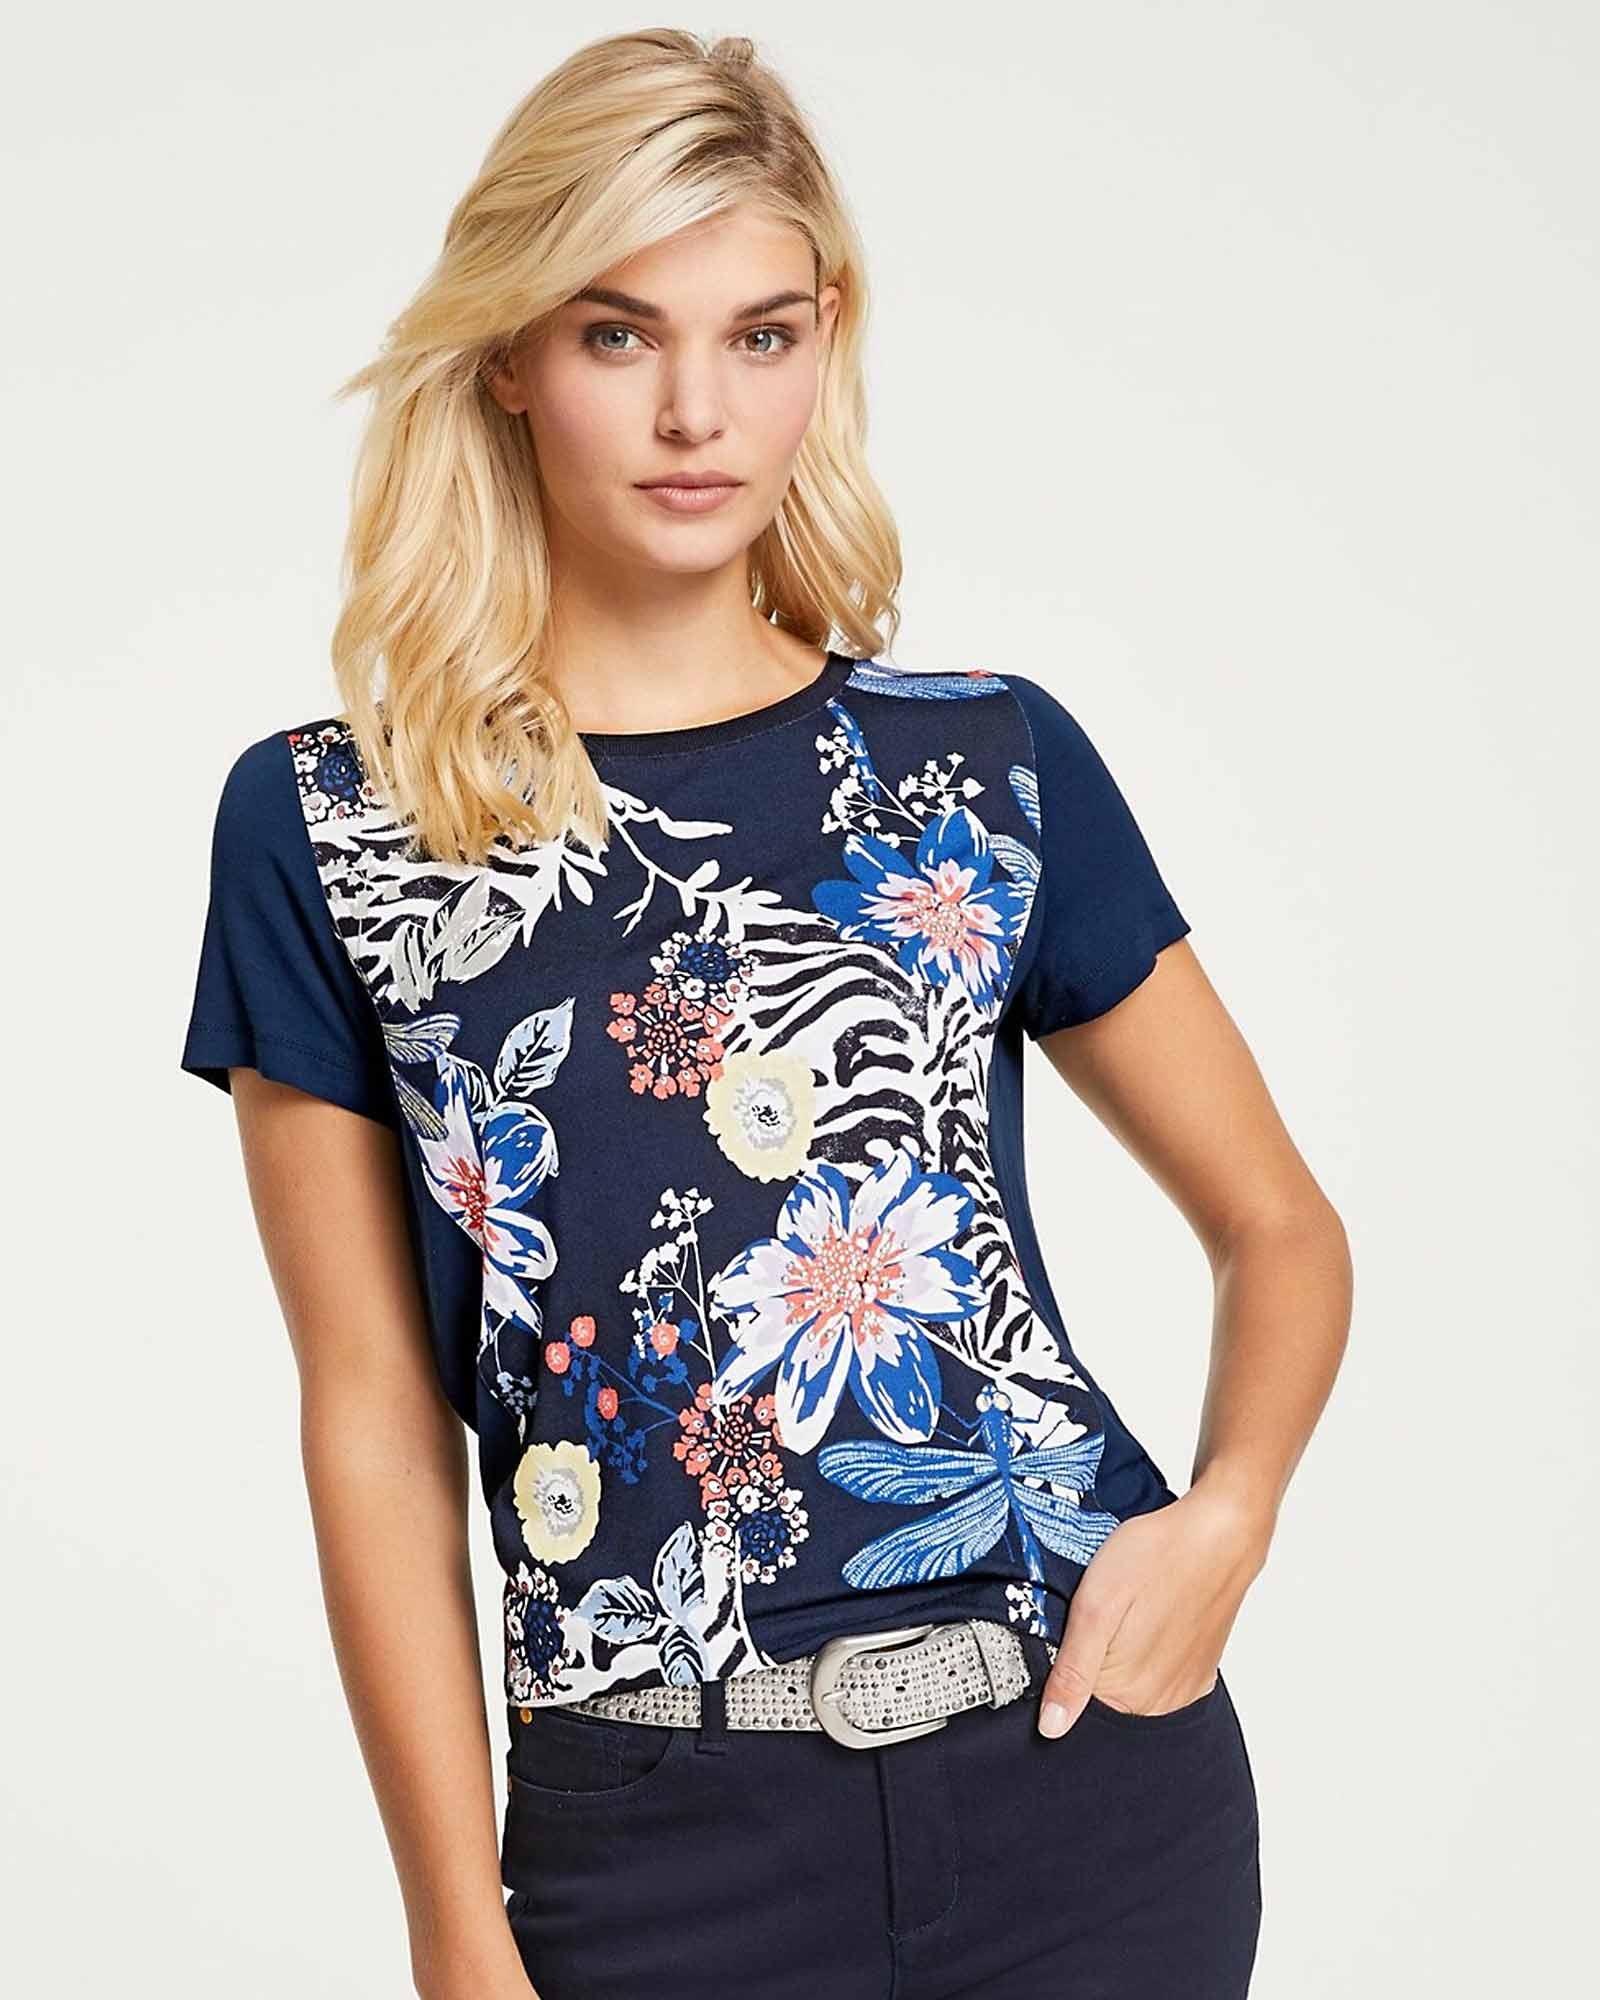 Blumiges Shirt